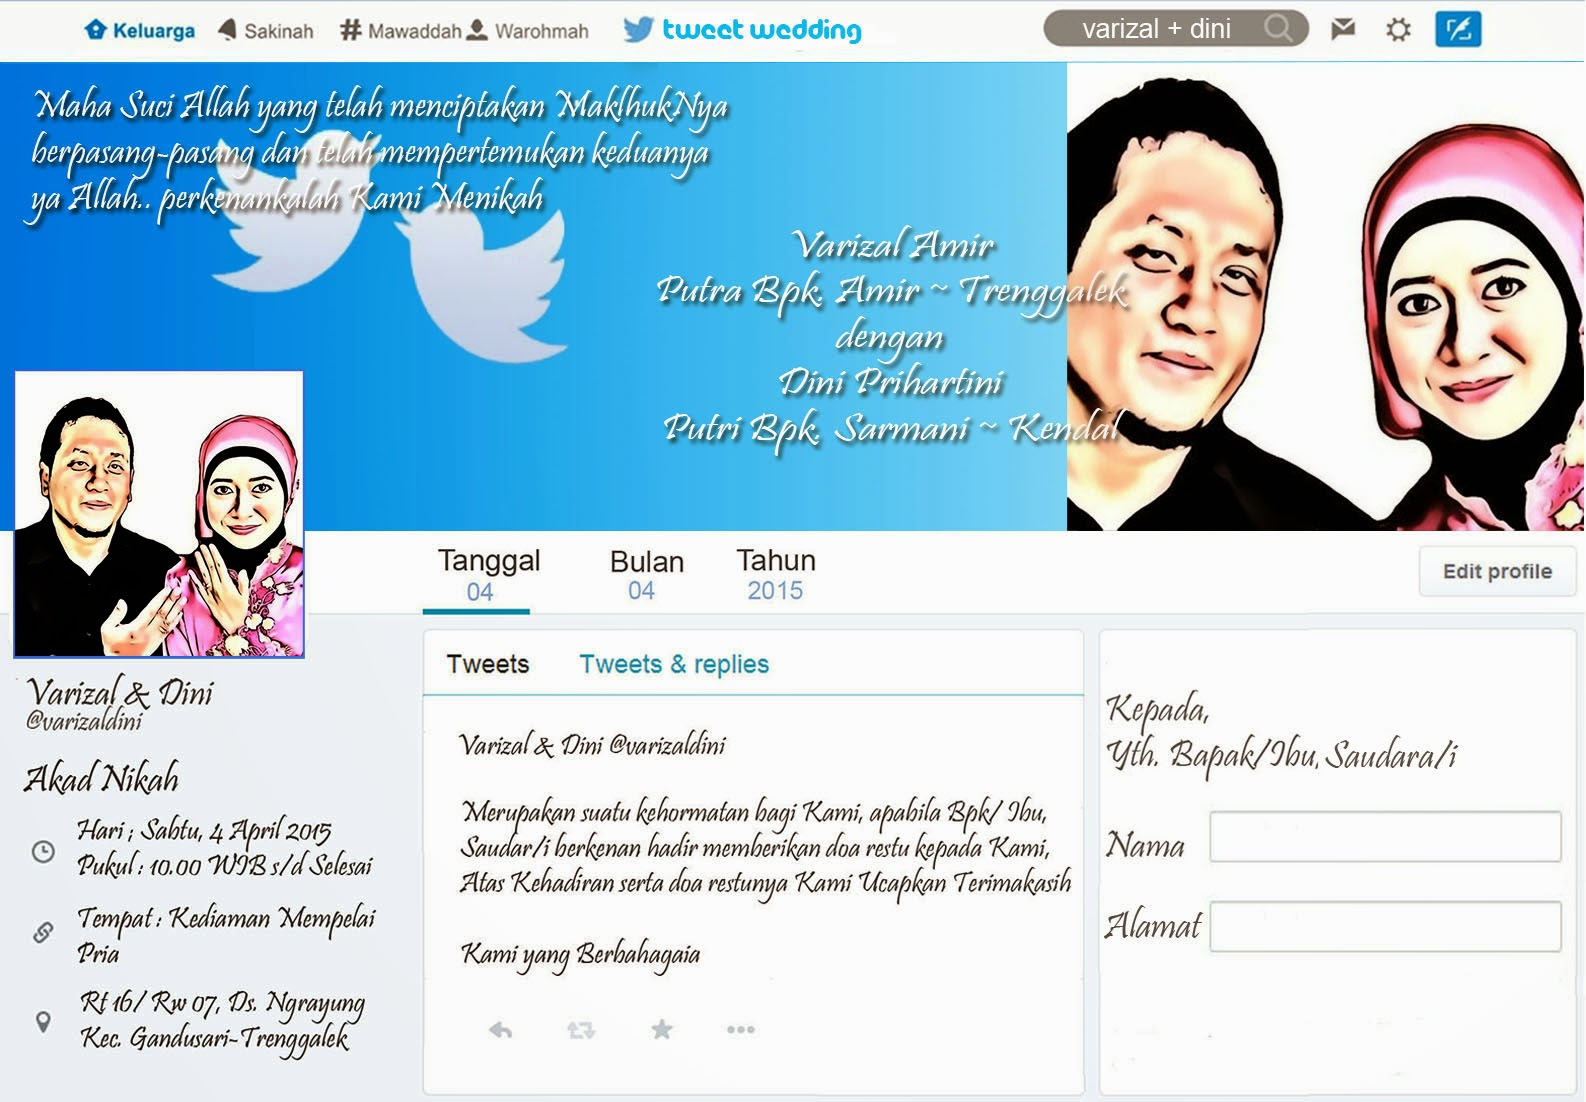 Undangan pernikahan gaya twitter